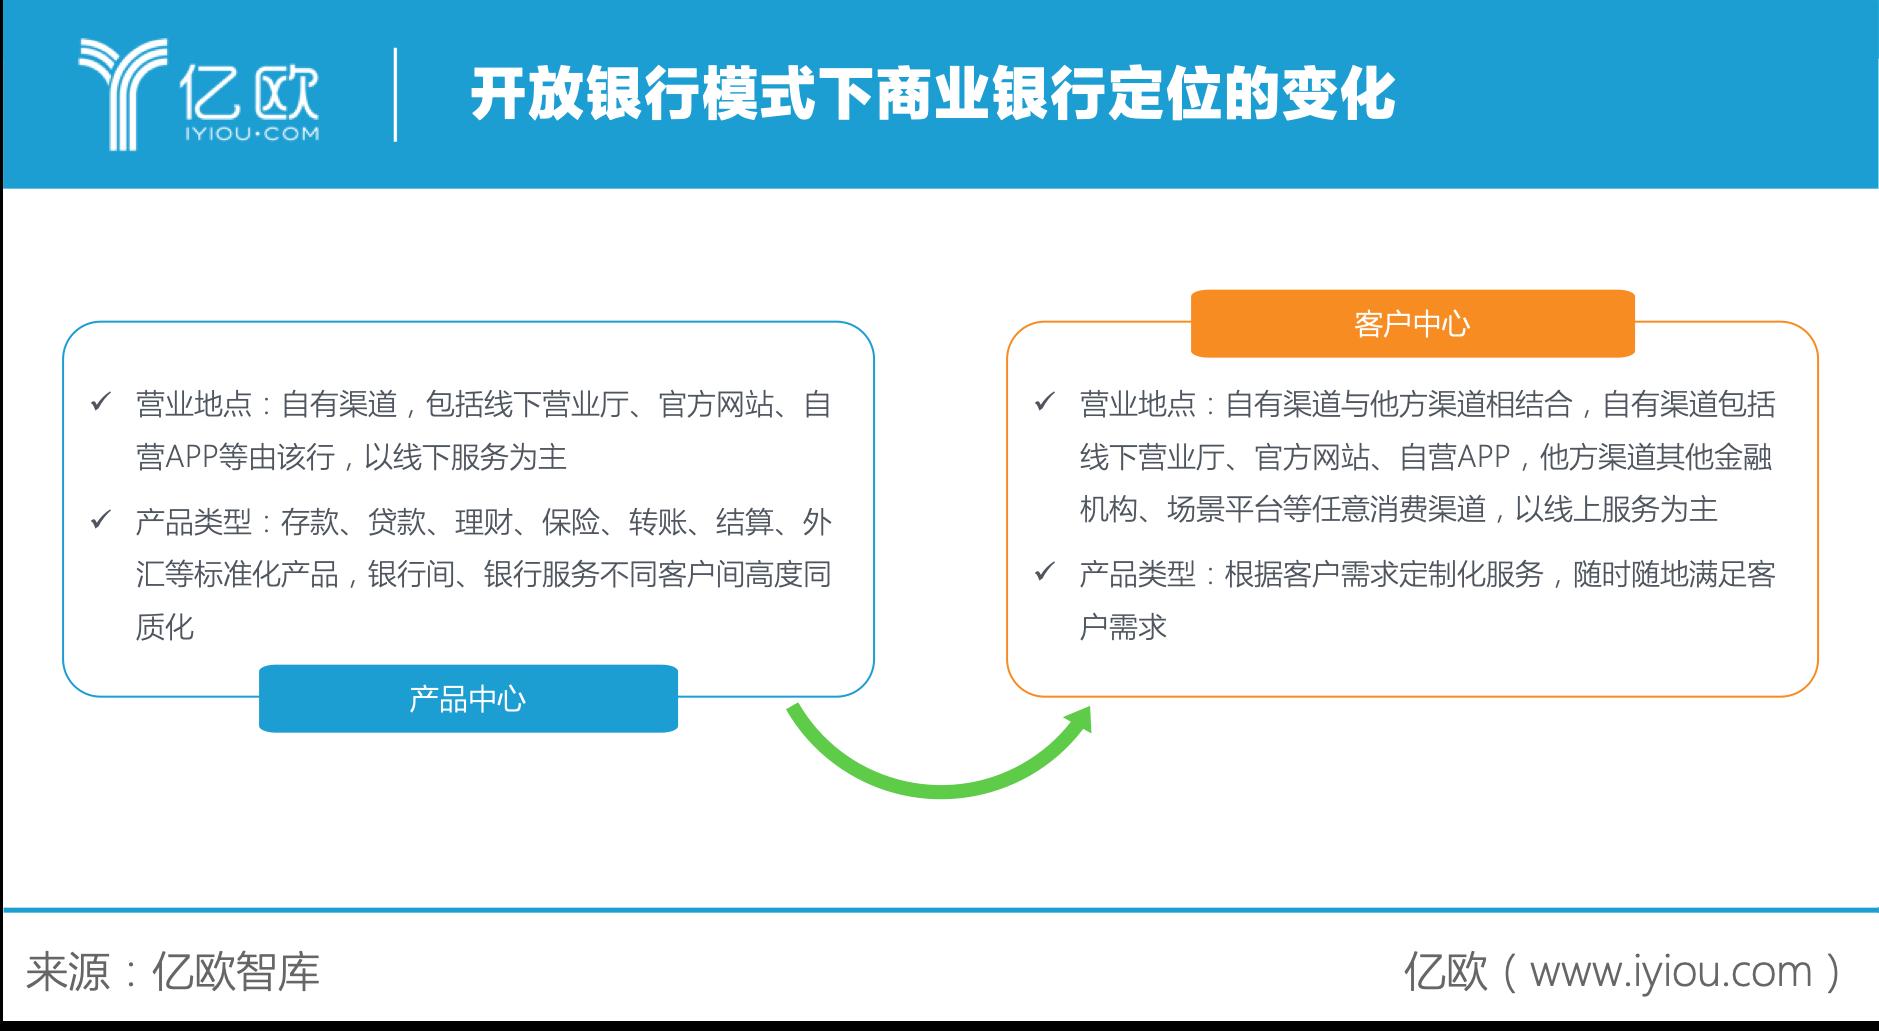 亿欧智库:开放银行模式下商业银行定位的变化